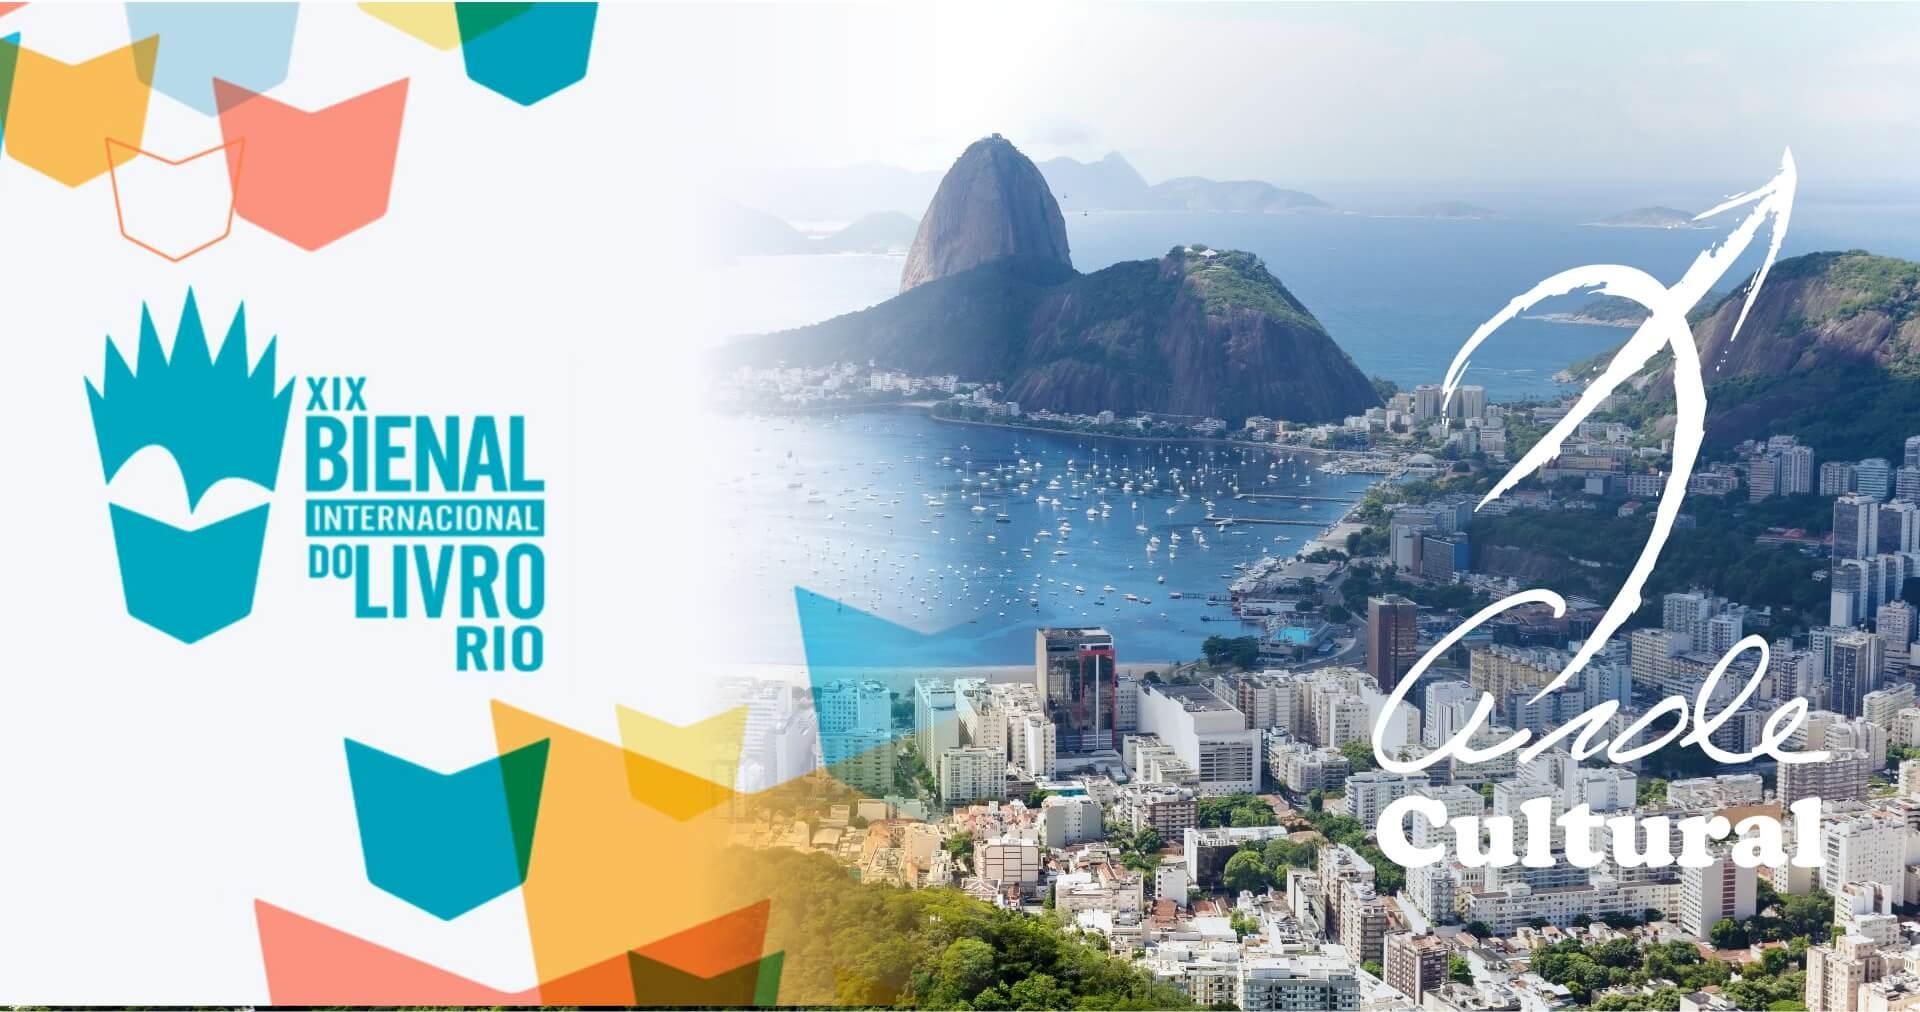 Release | Arole Cultural participa da Bienal do Livro do Rio com cinco lançamentos e novo selo